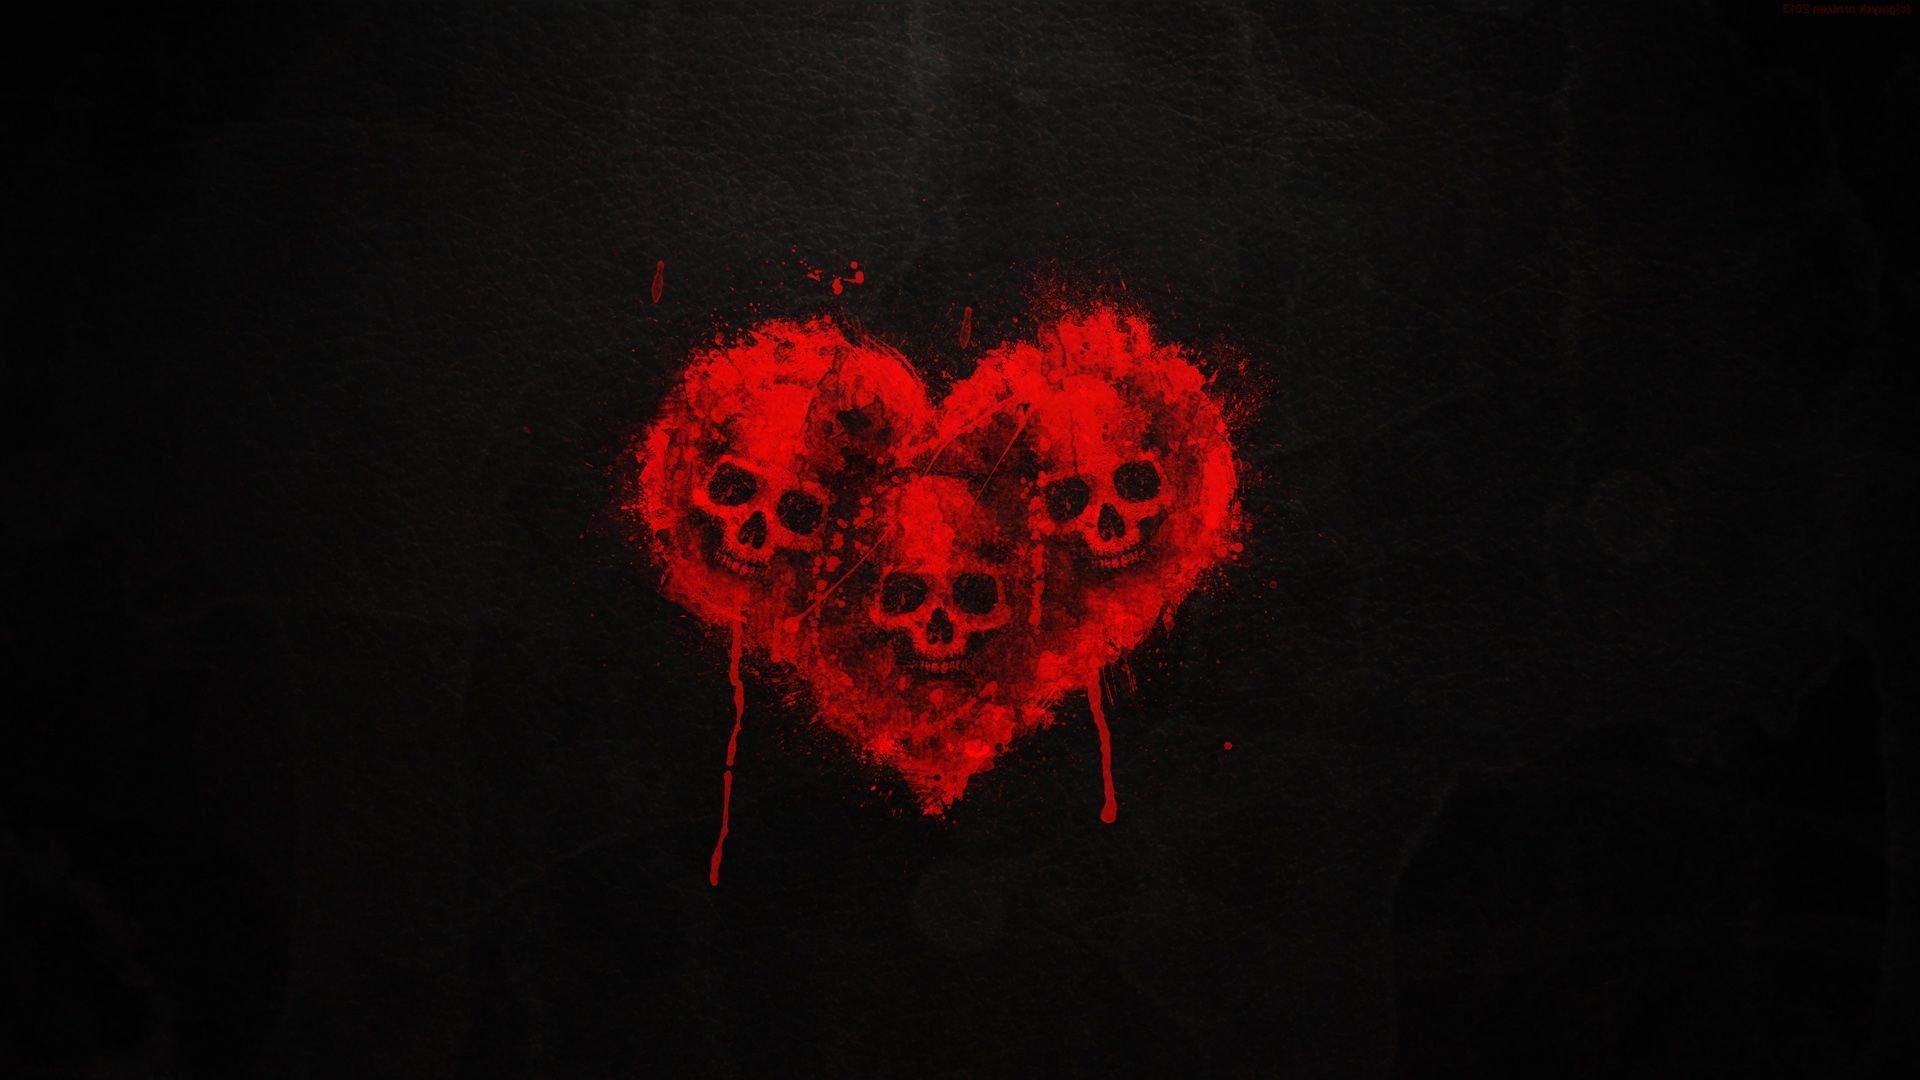 SKULL HEART - art dark red wallpaper | 1920x1080 | 478275 ...